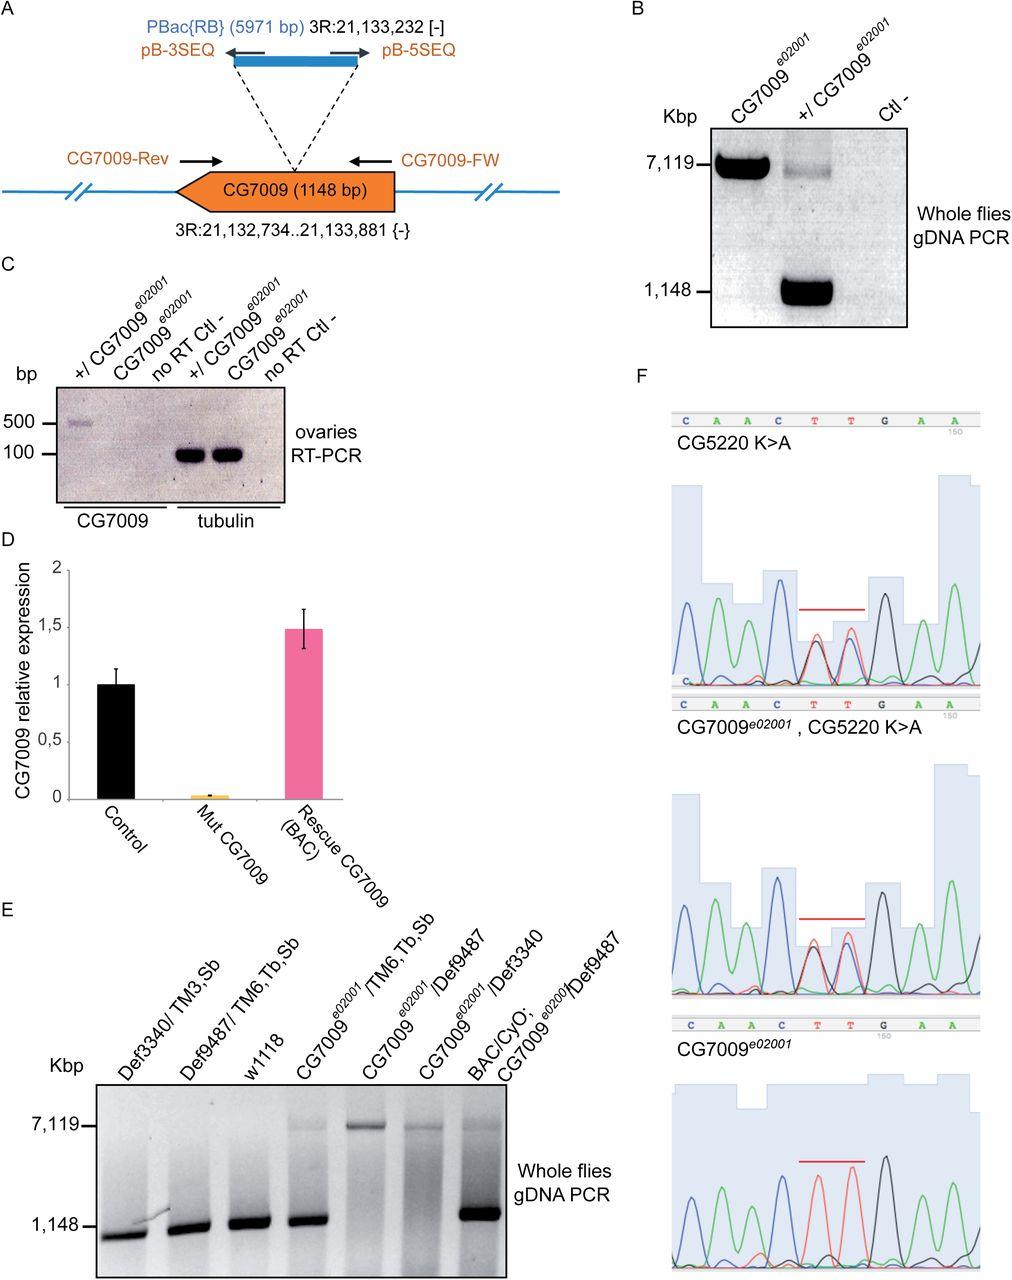 tRNA 2'-O-methylation modulates small RNA silencing and life